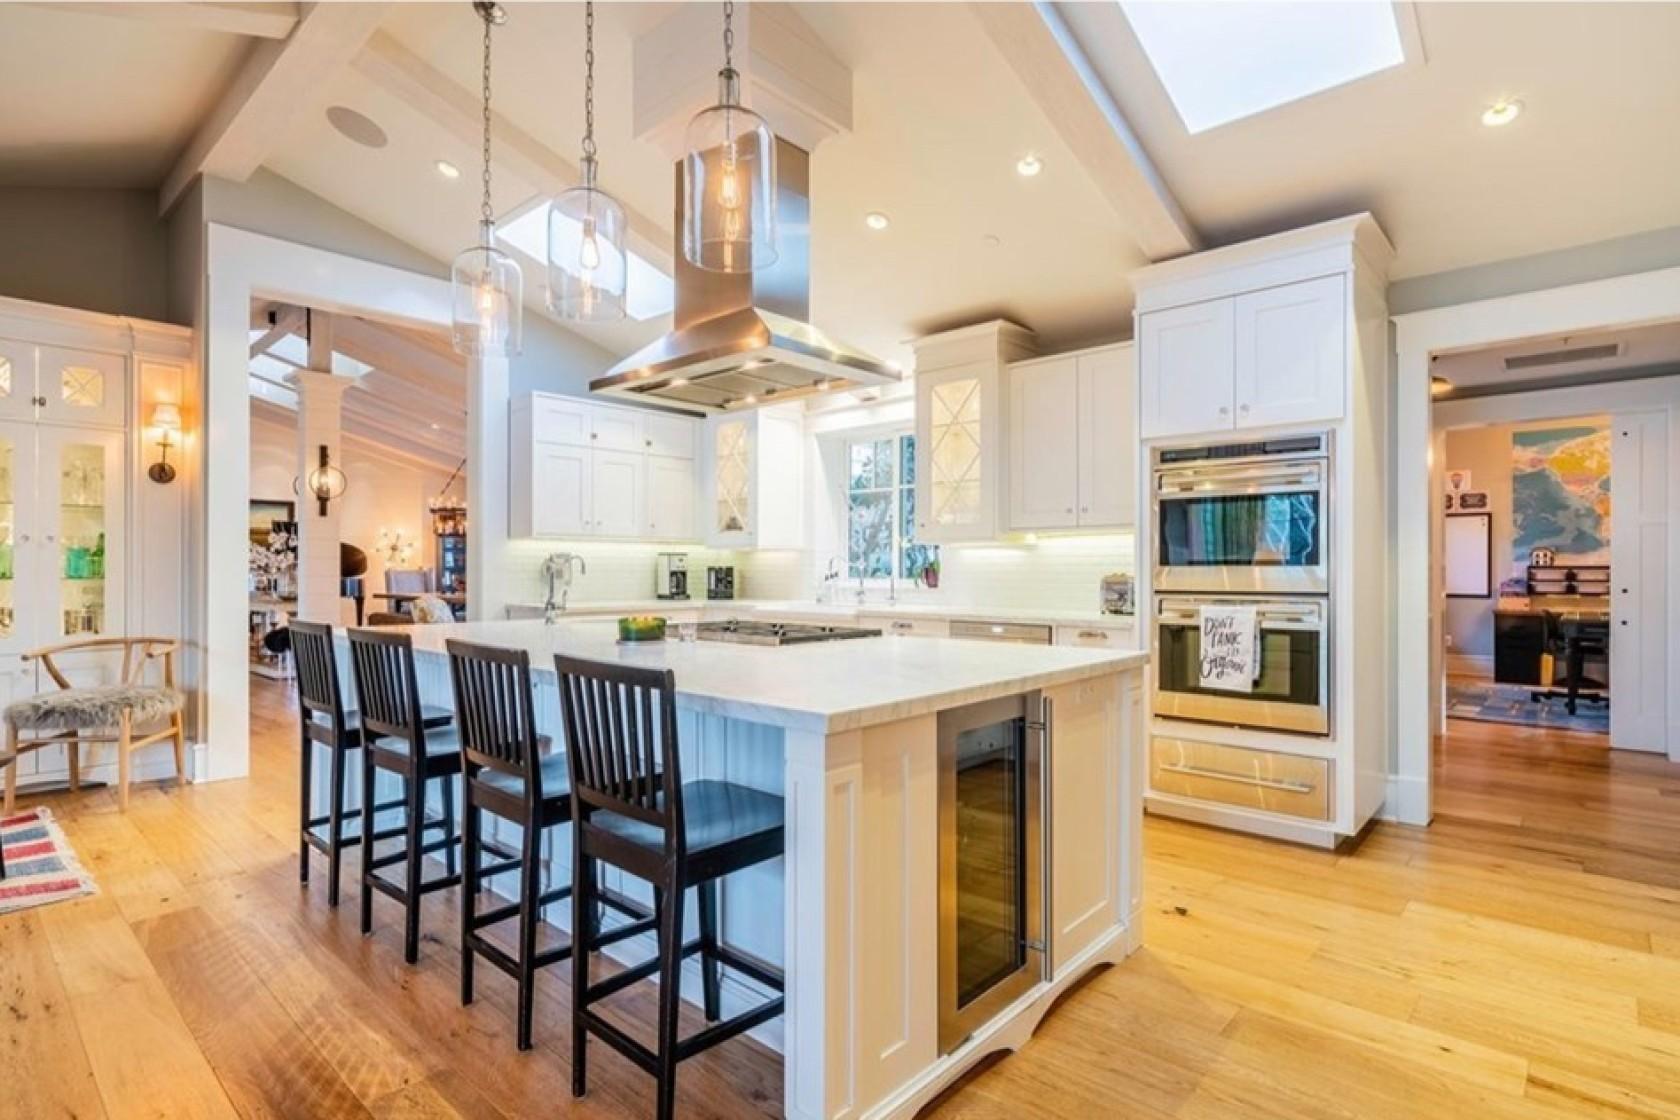 Εικόνα από την κουζίνα του σπιτιού που αγόρασε ο Τζον Στάμος